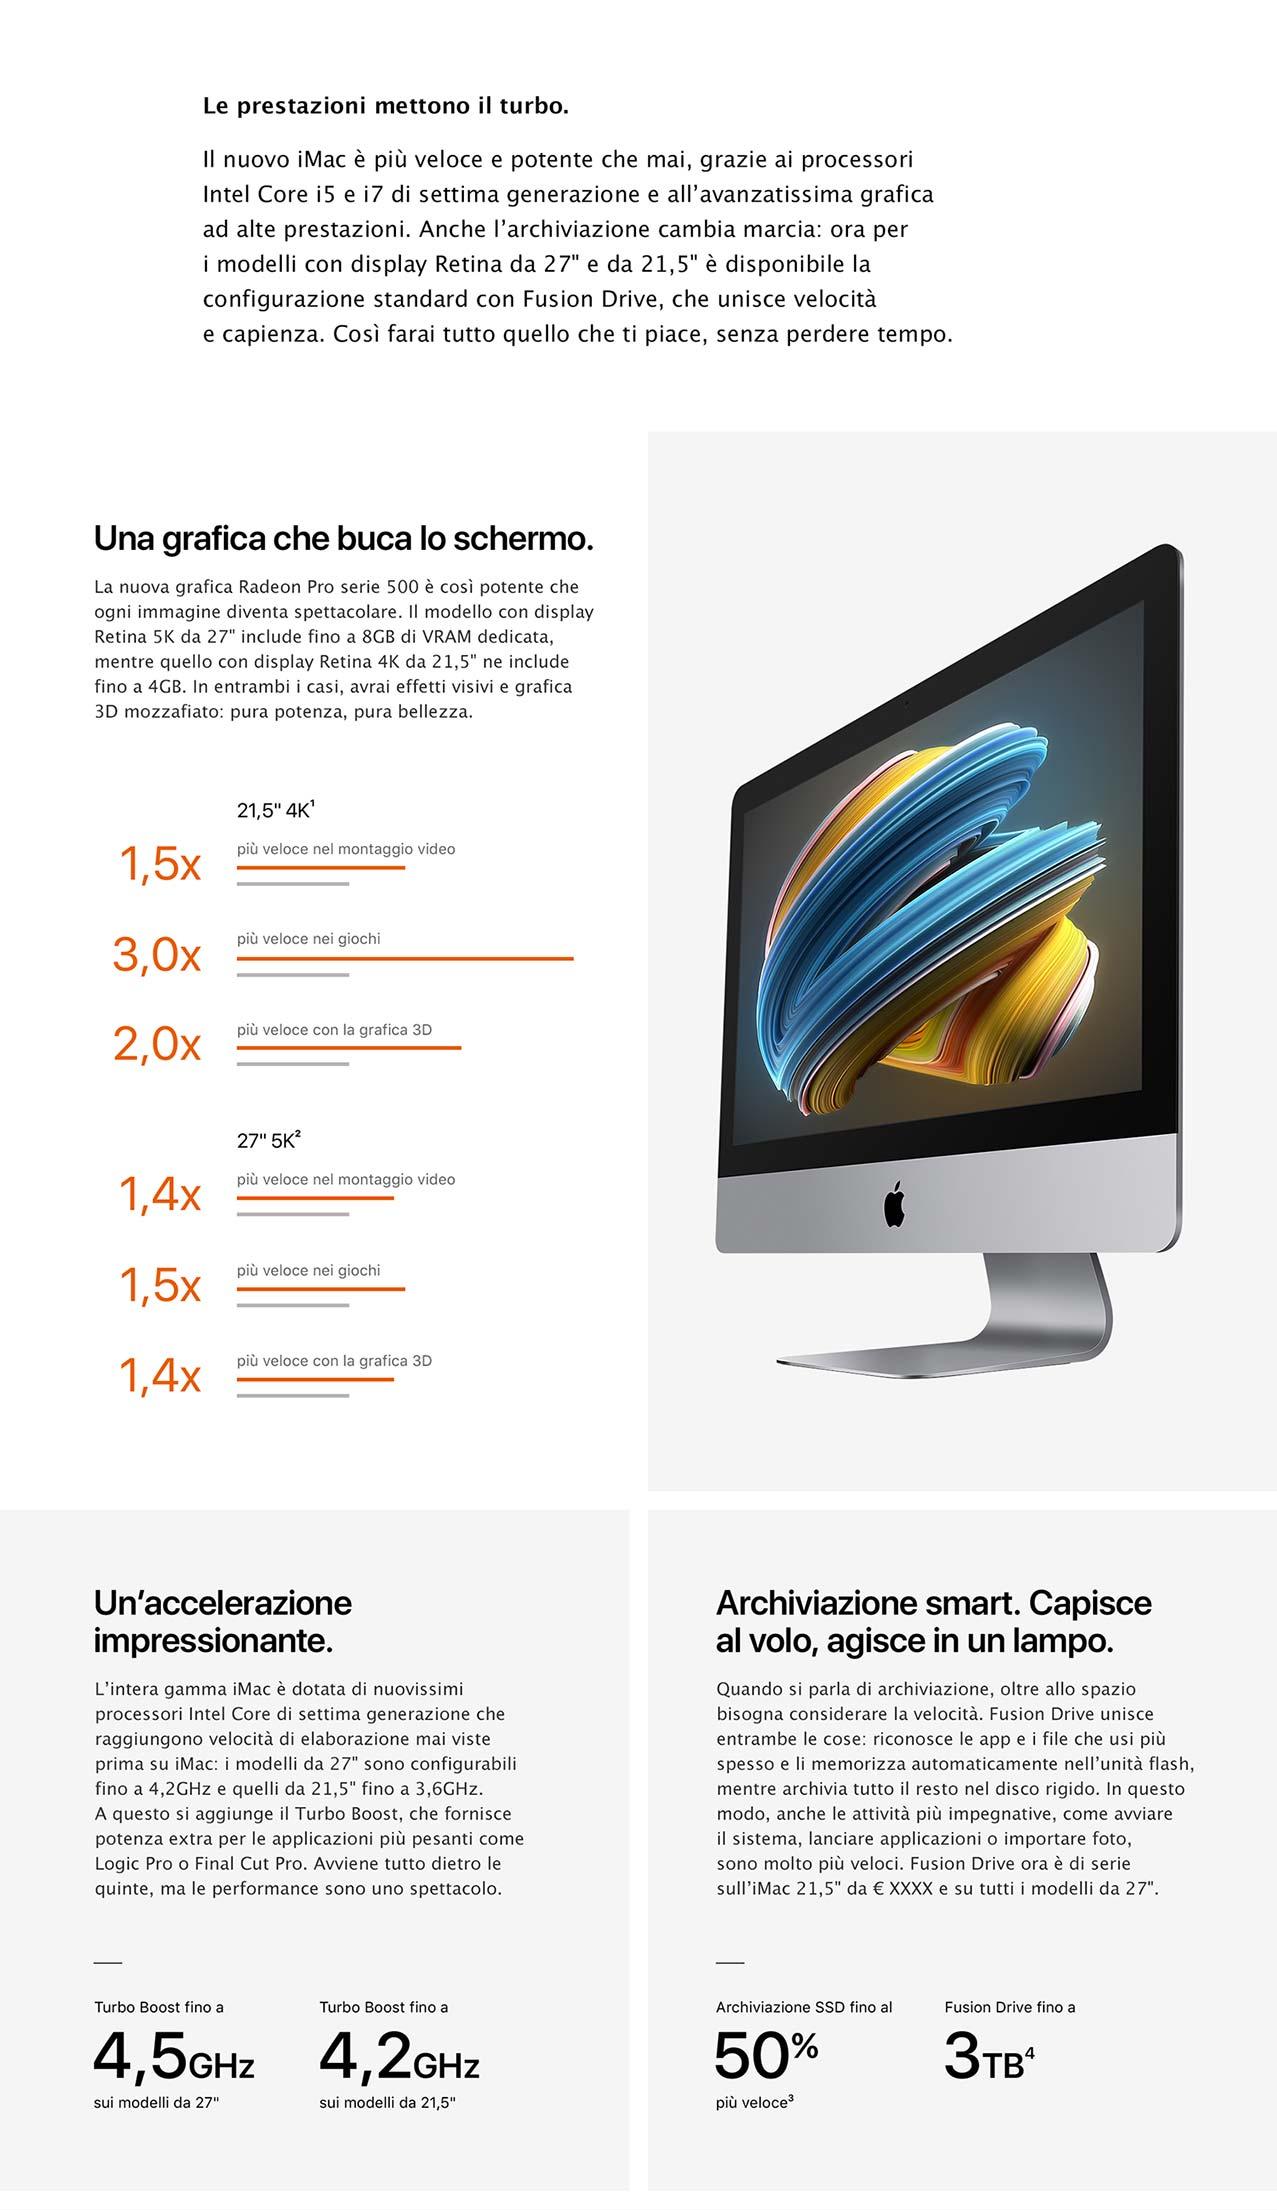 iMac caratteristiche schermo